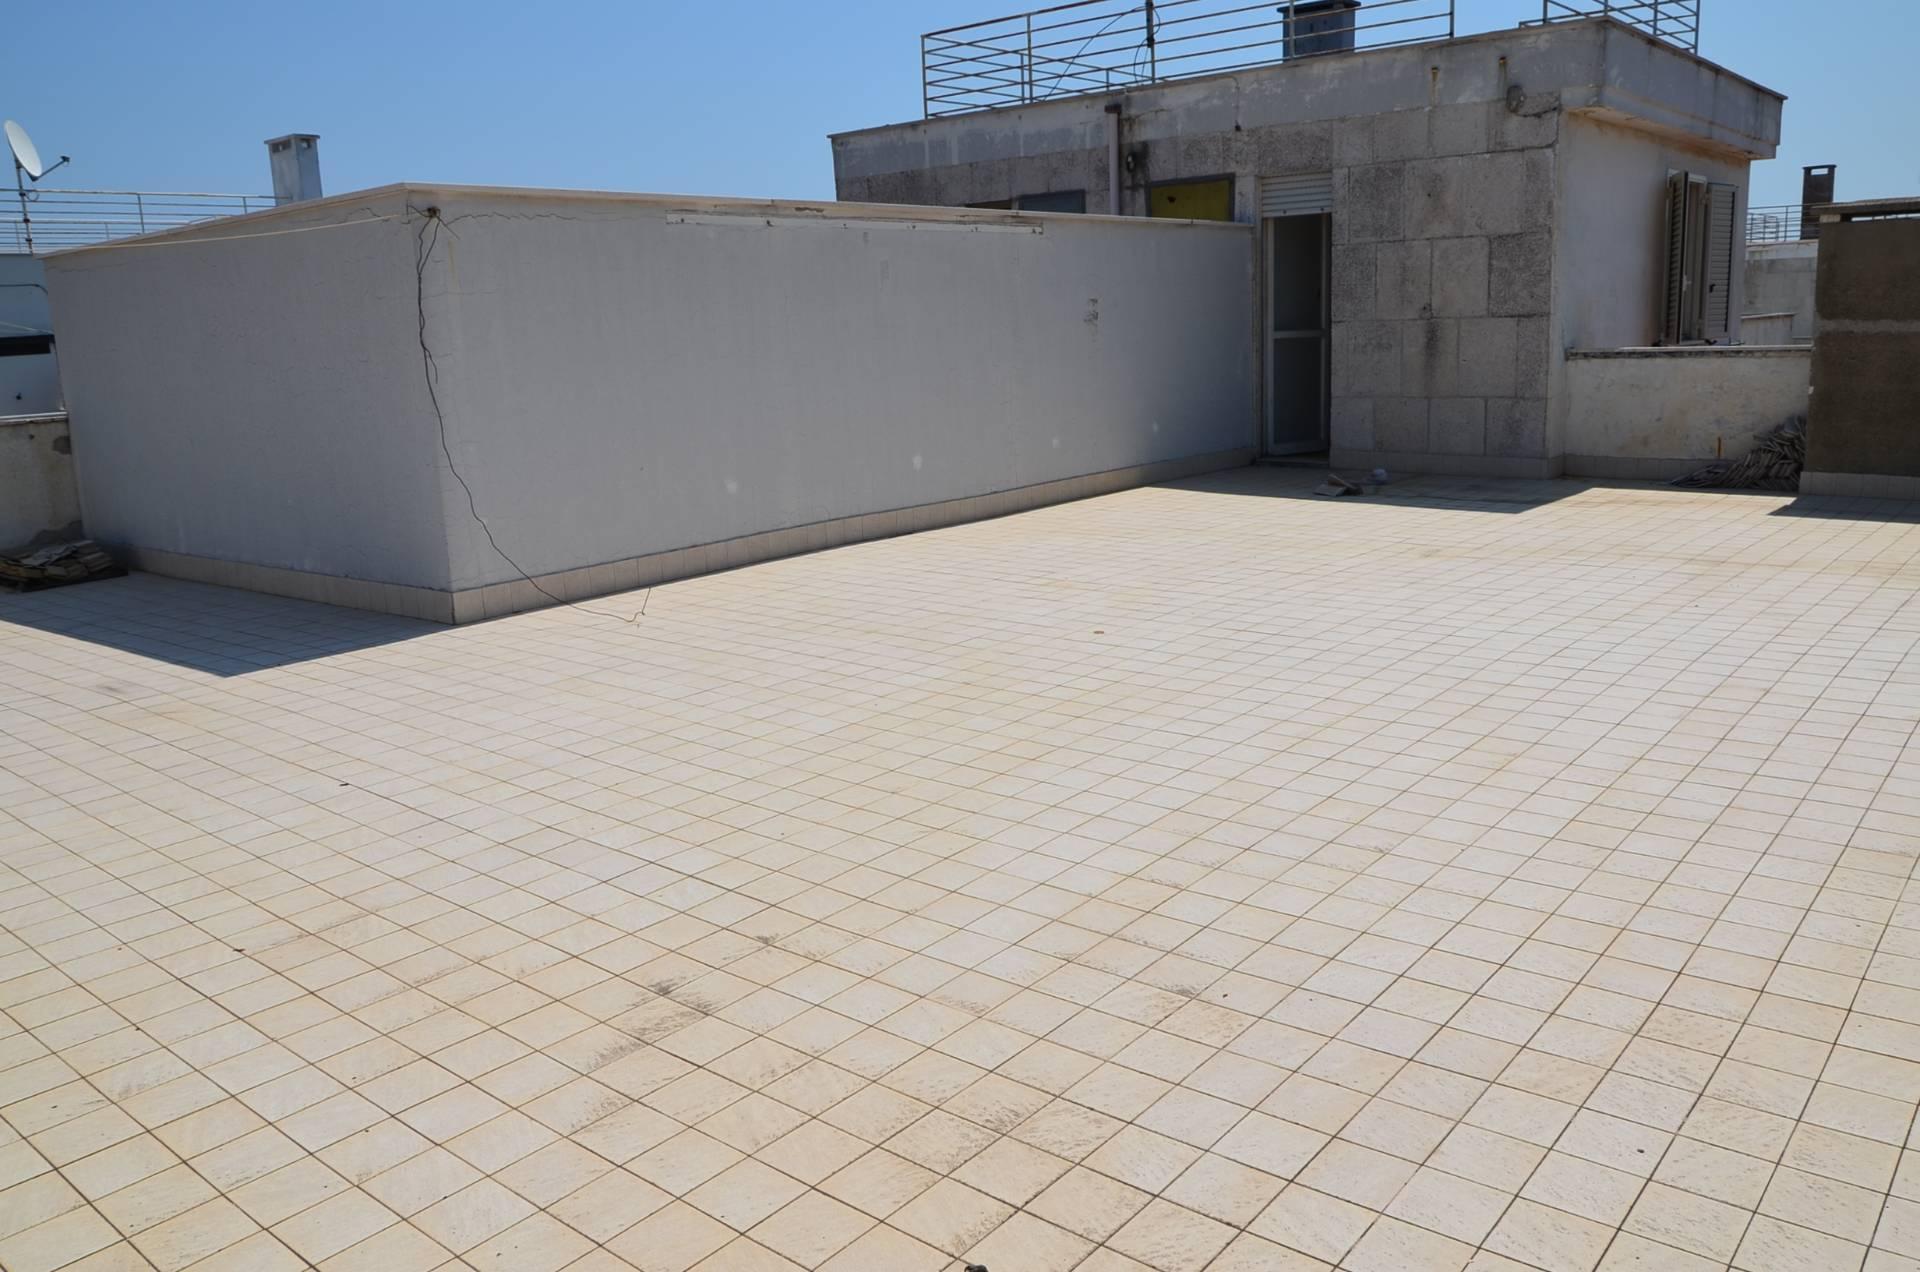 Attico / Mansarda in vendita a Montesilvano, 3 locali, zona Località: centro, prezzo € 60.000   PortaleAgenzieImmobiliari.it